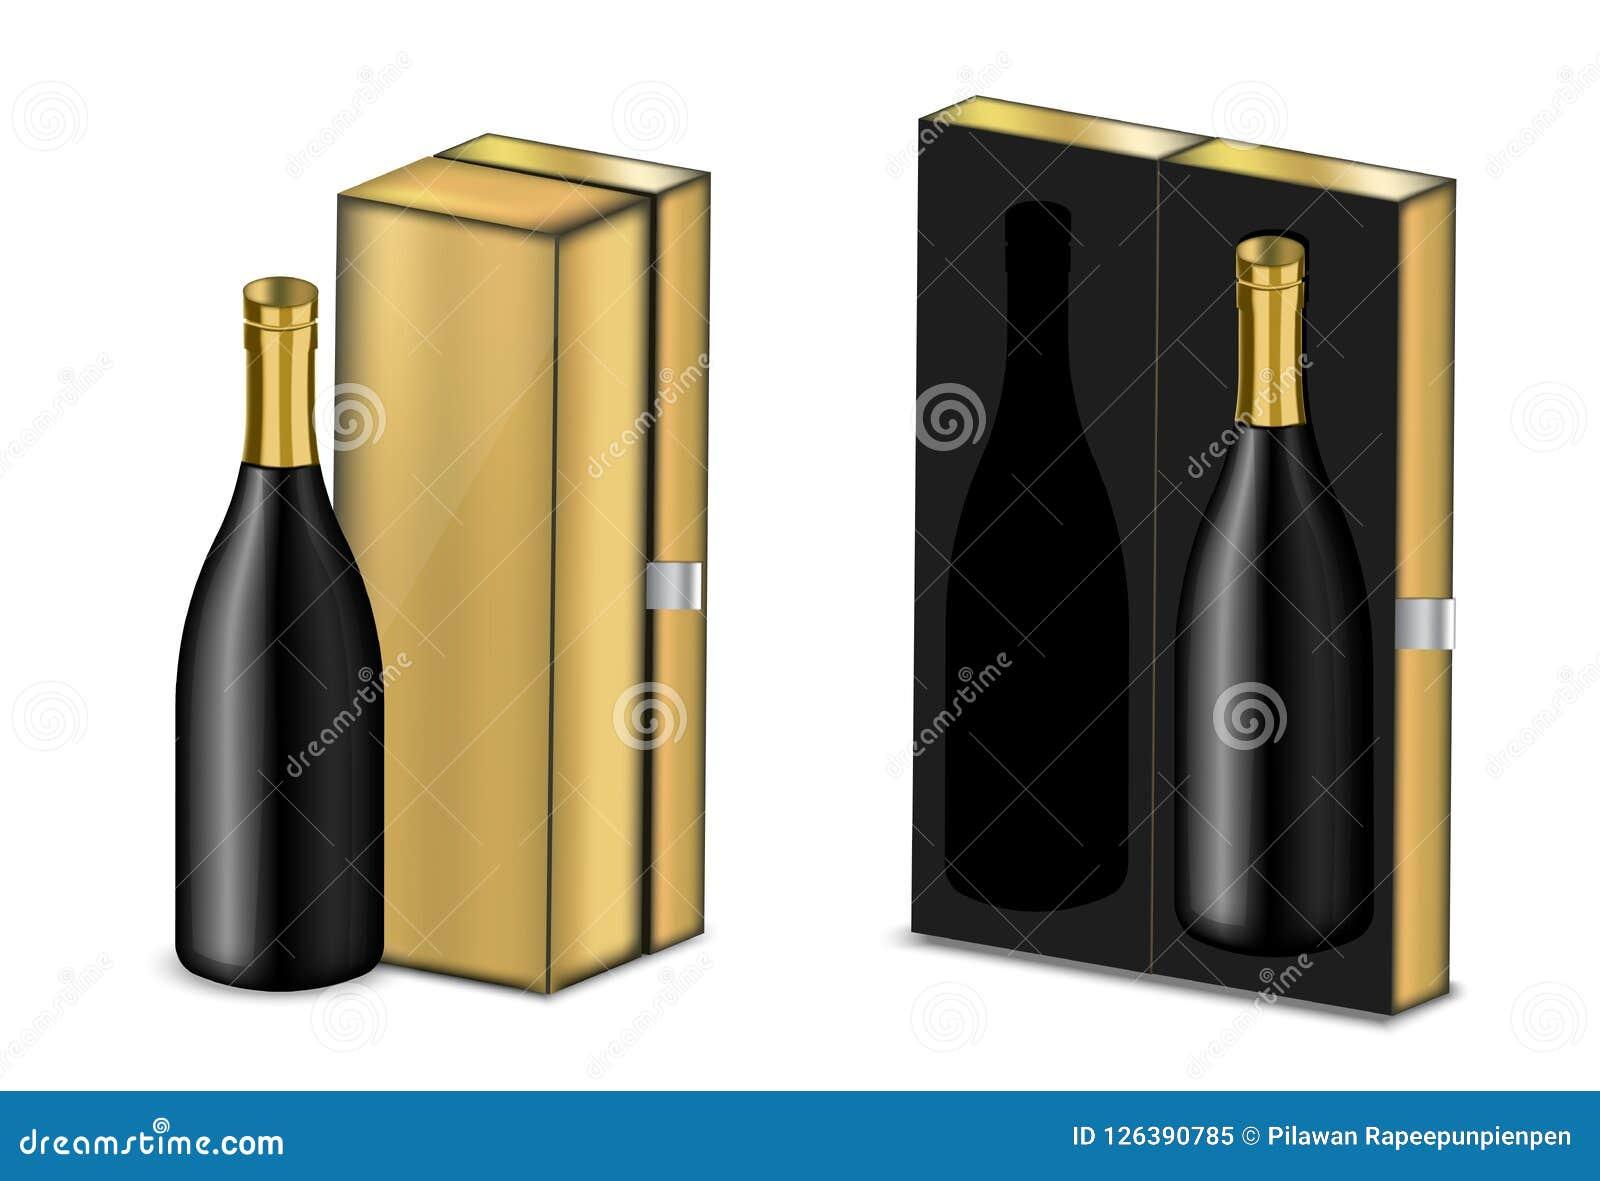 Verspotten Sie herauf realistischen erstklassigen Wein oder Champagne Alcohol Black Bottle für Weihnachtsfest mit Luxusgoldkasten